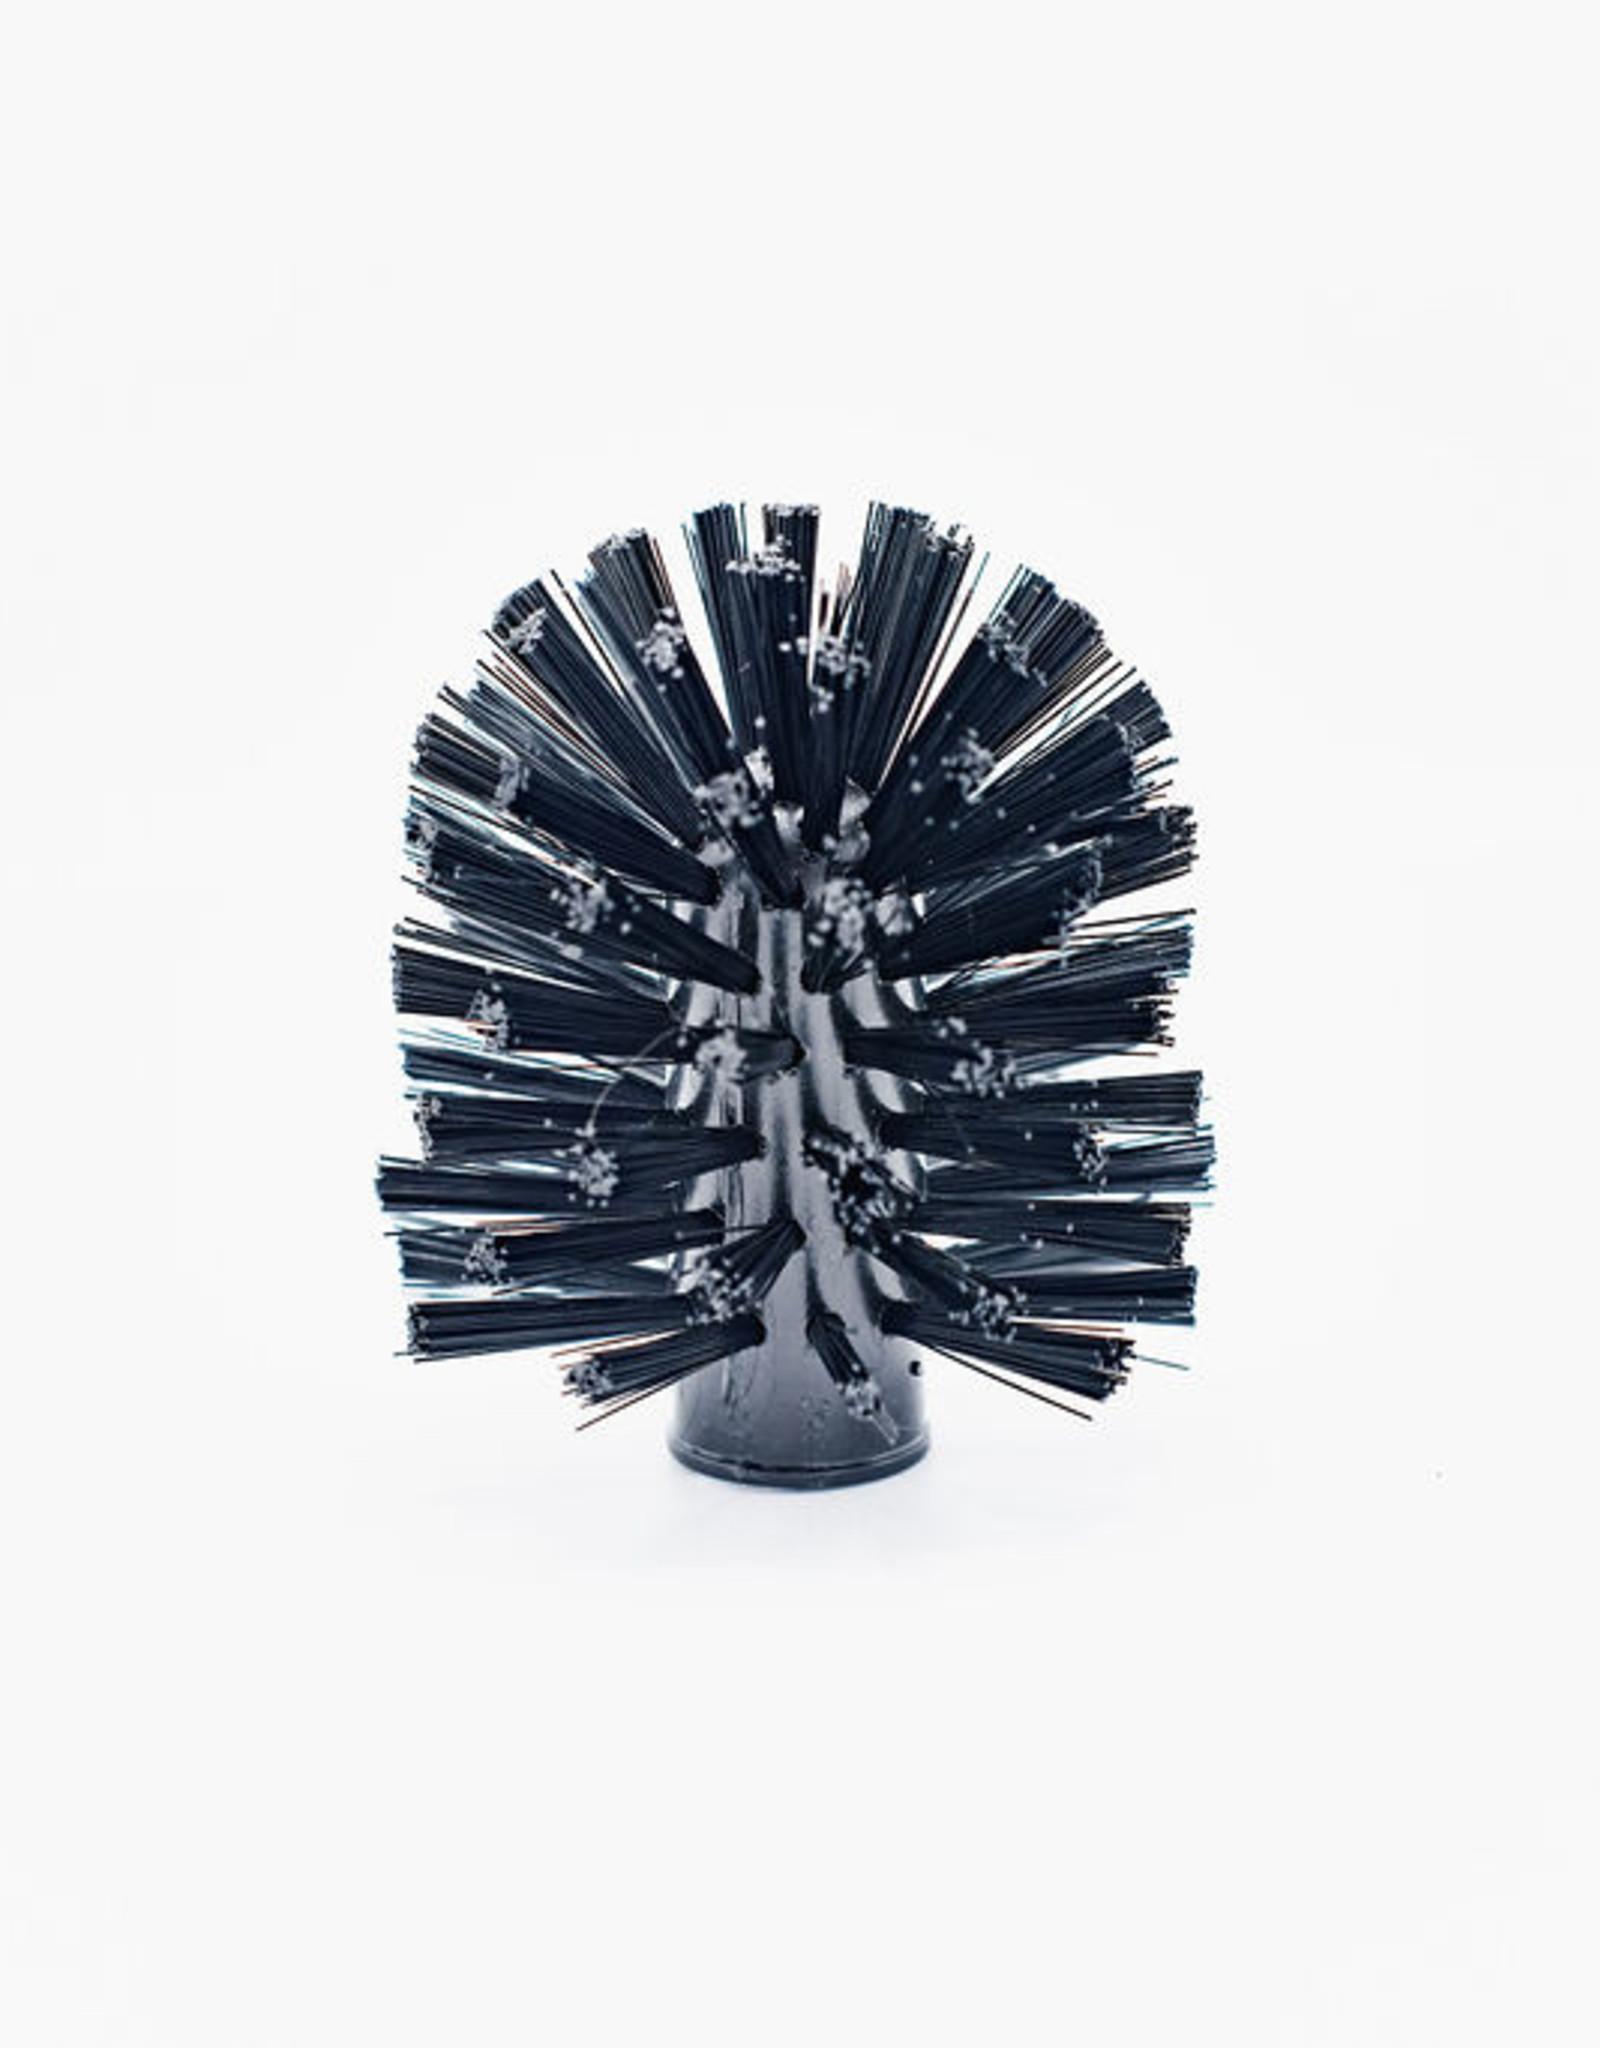 Redecker Toilet brush head